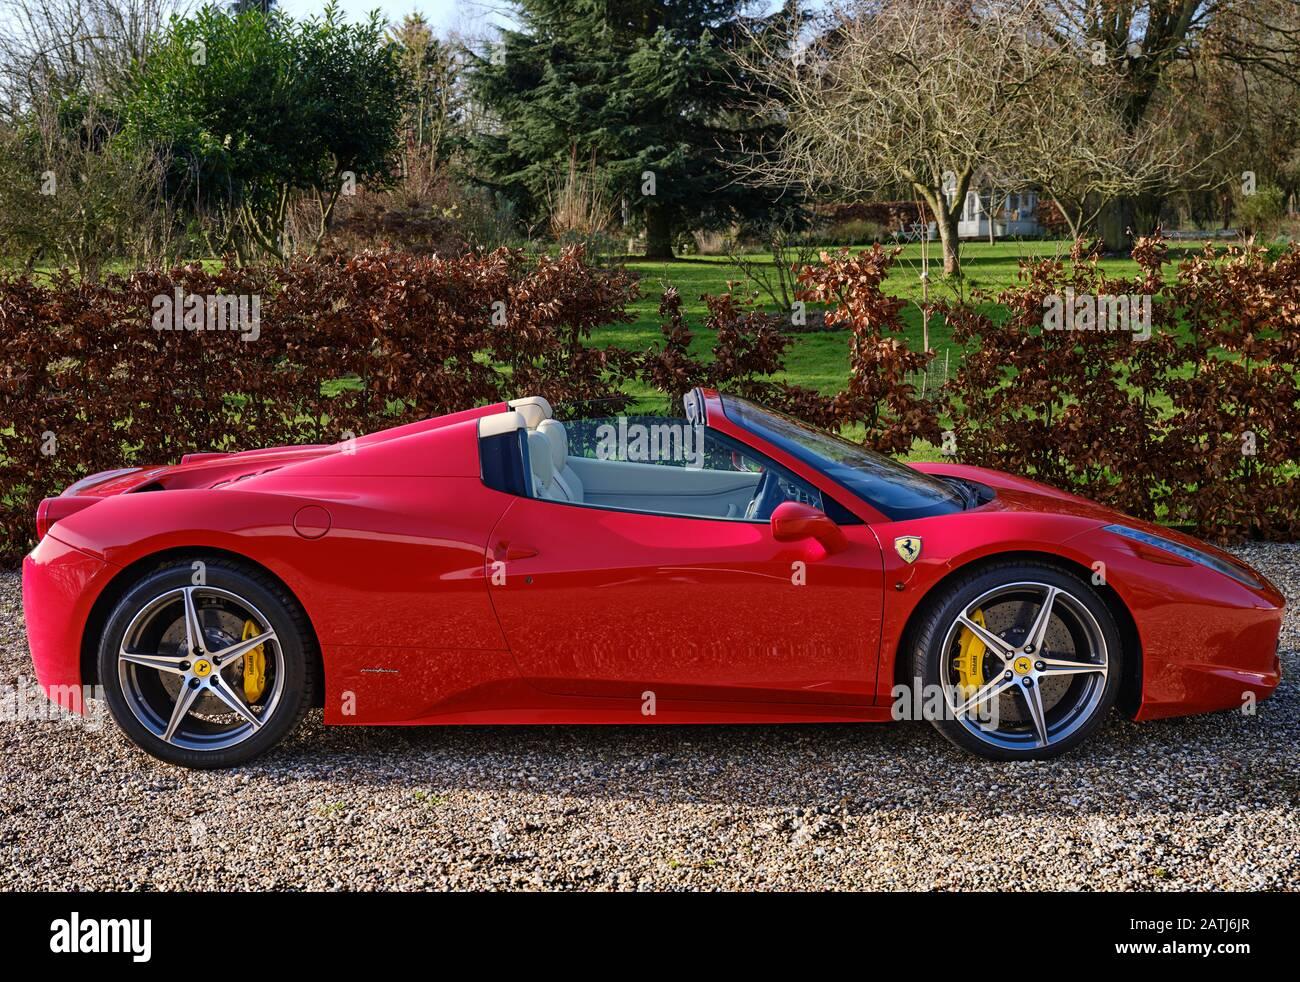 Ferrari 458 Spider Stockfotos Und Bilder Kaufen Alamy